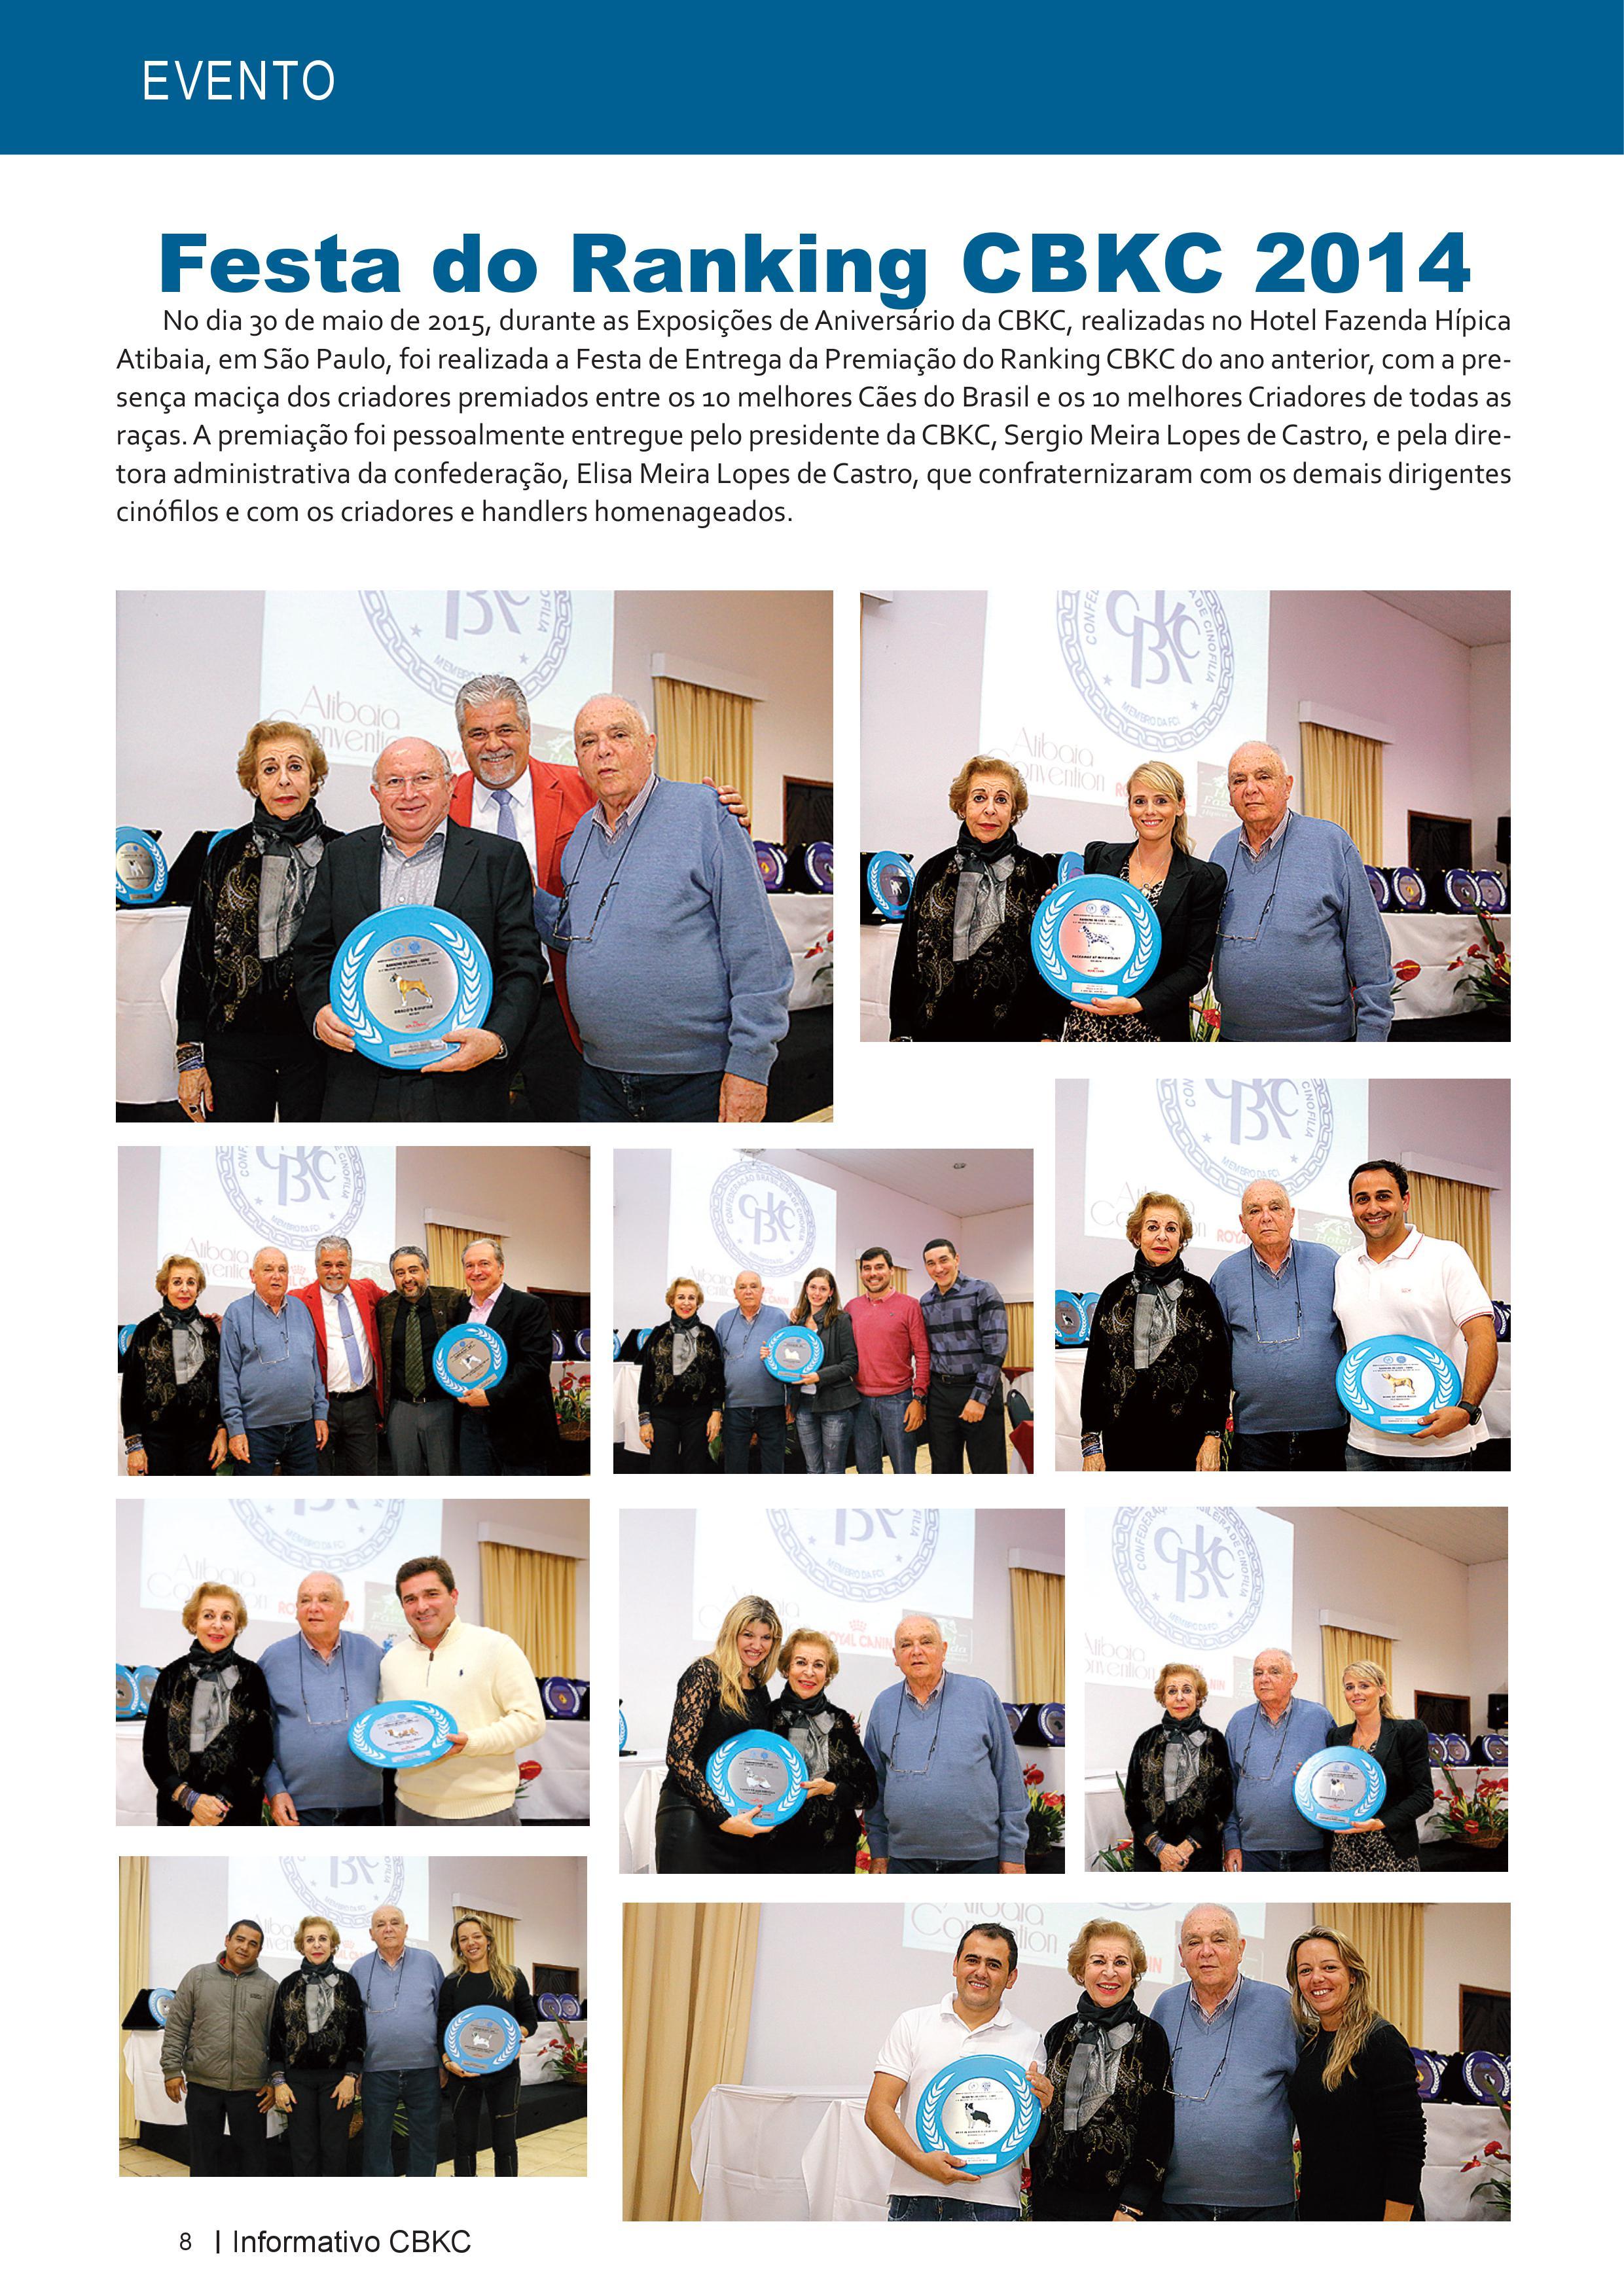 Pagina 8| Edição 50 do Informativo CBKC